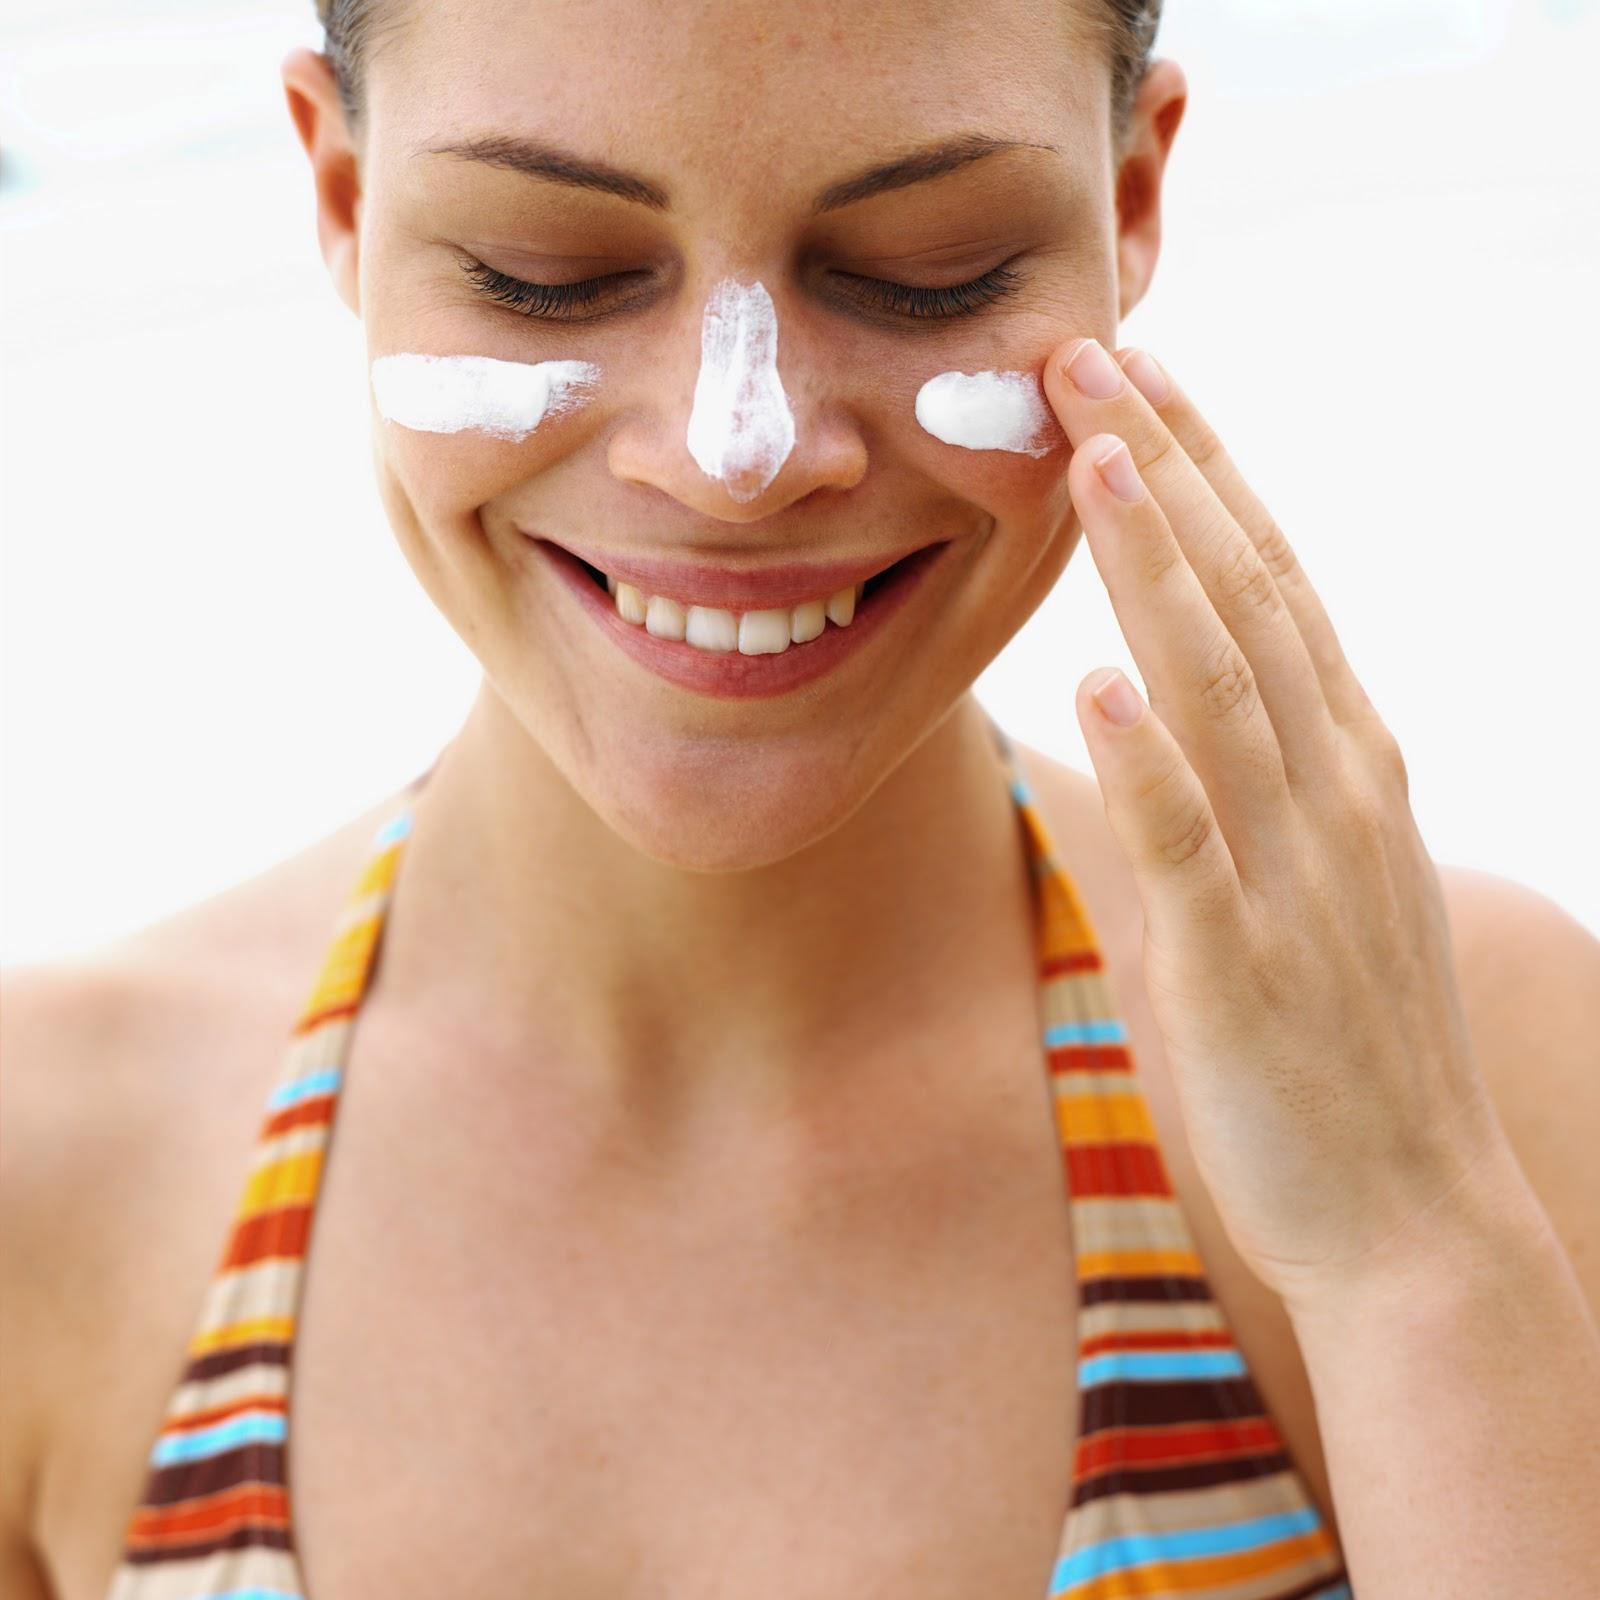 Os raios UVA atingem as camadas mais profundas da pele e são os principais  responsáveis pelo envelhecimento precoce, bronzeamento, além de também ... f7174a81e1